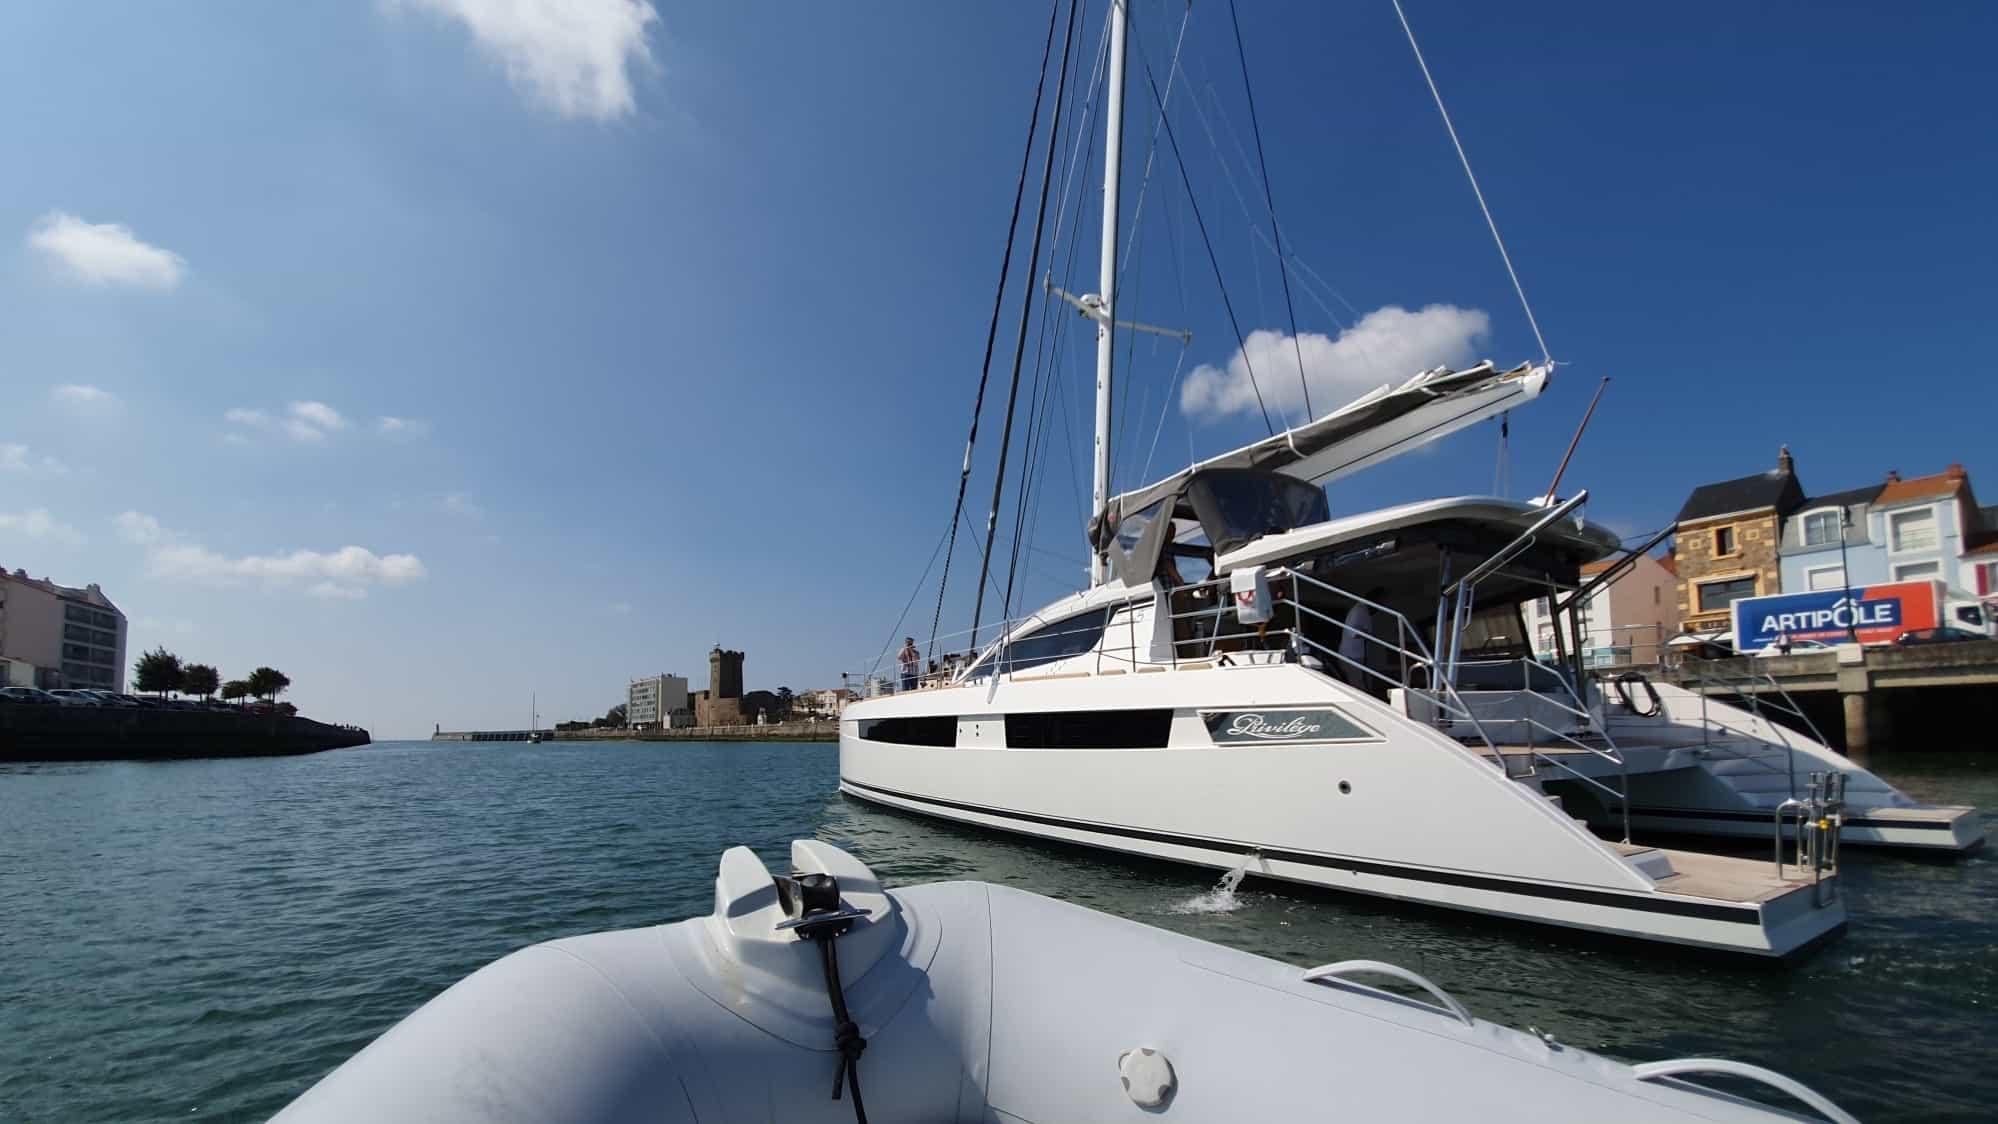 Leaving Port, Chase Boat